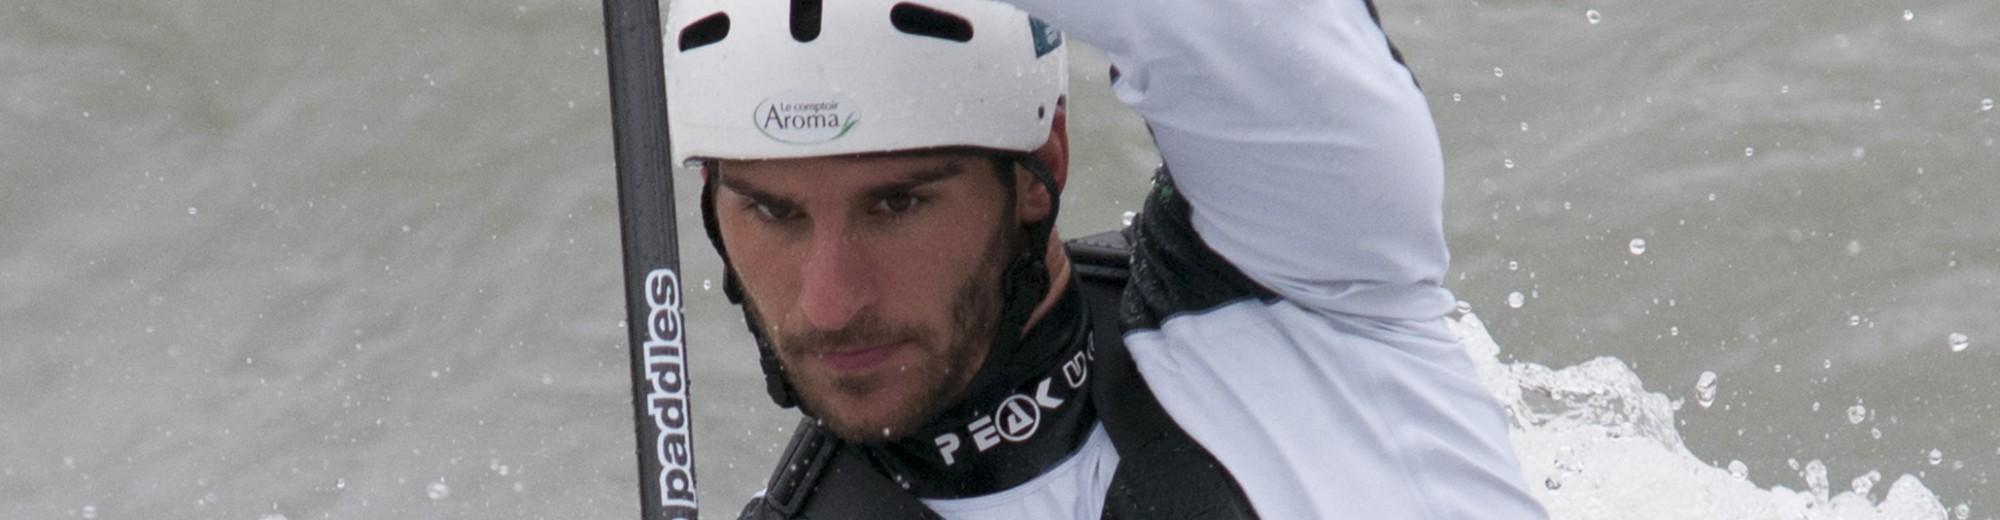 Antoine Launay